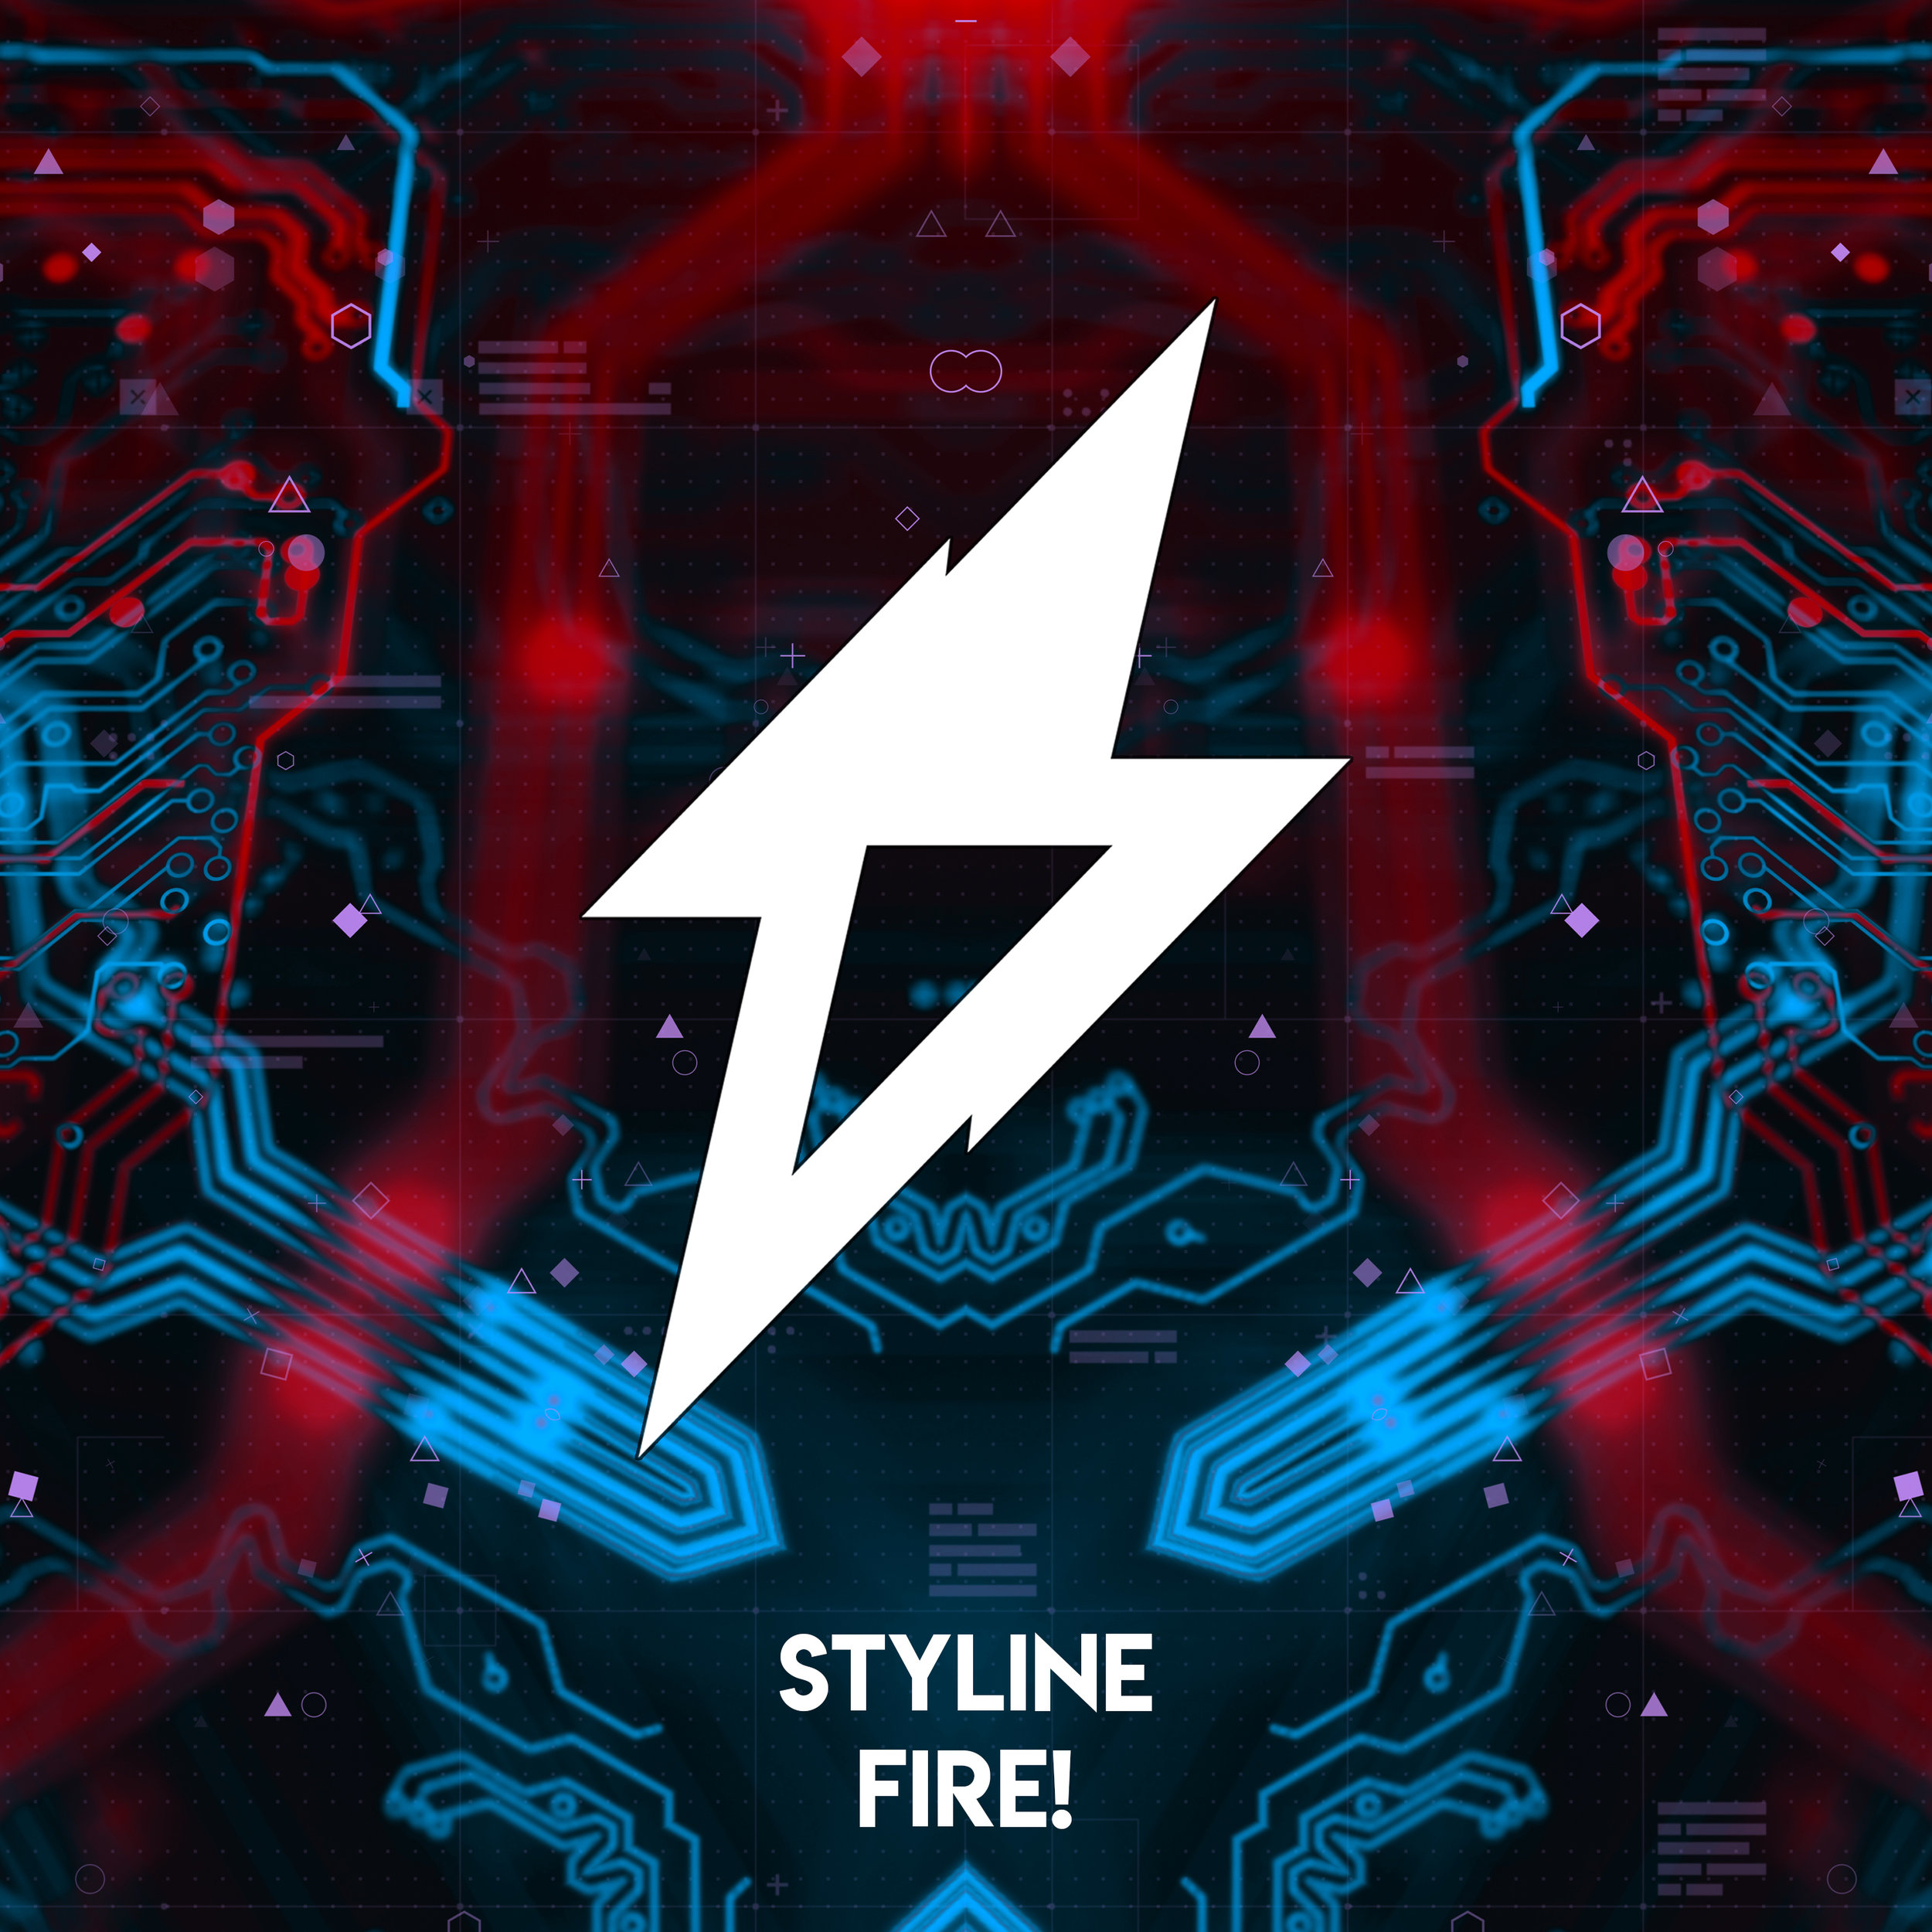 Styline - FIRE!